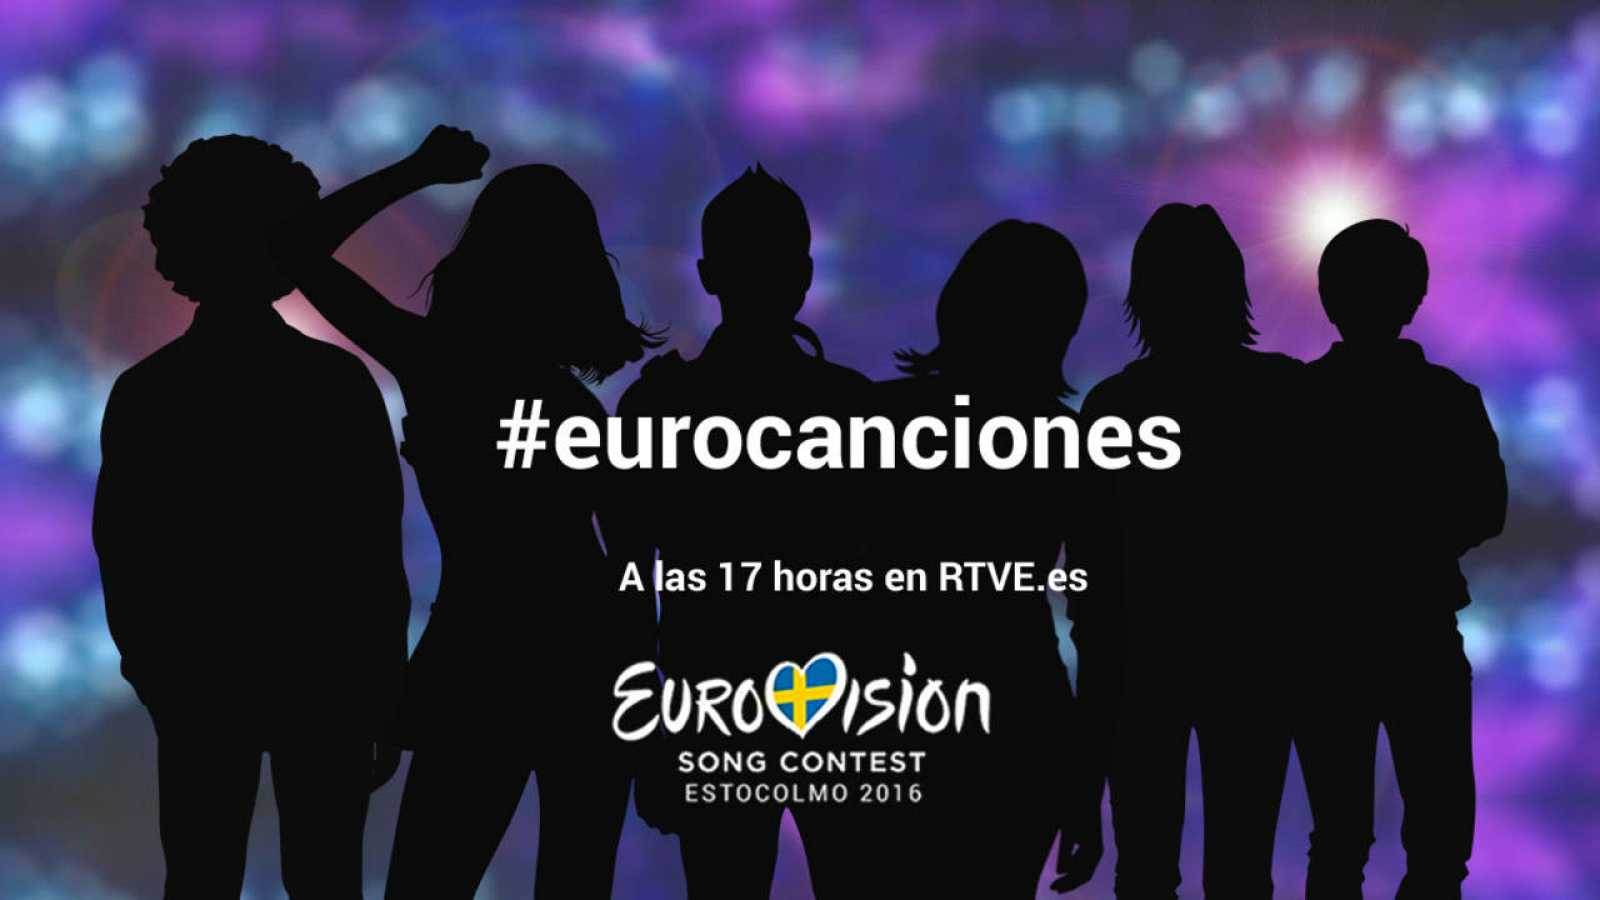 #eurocanciones, a las 17 horas en RTVE.es